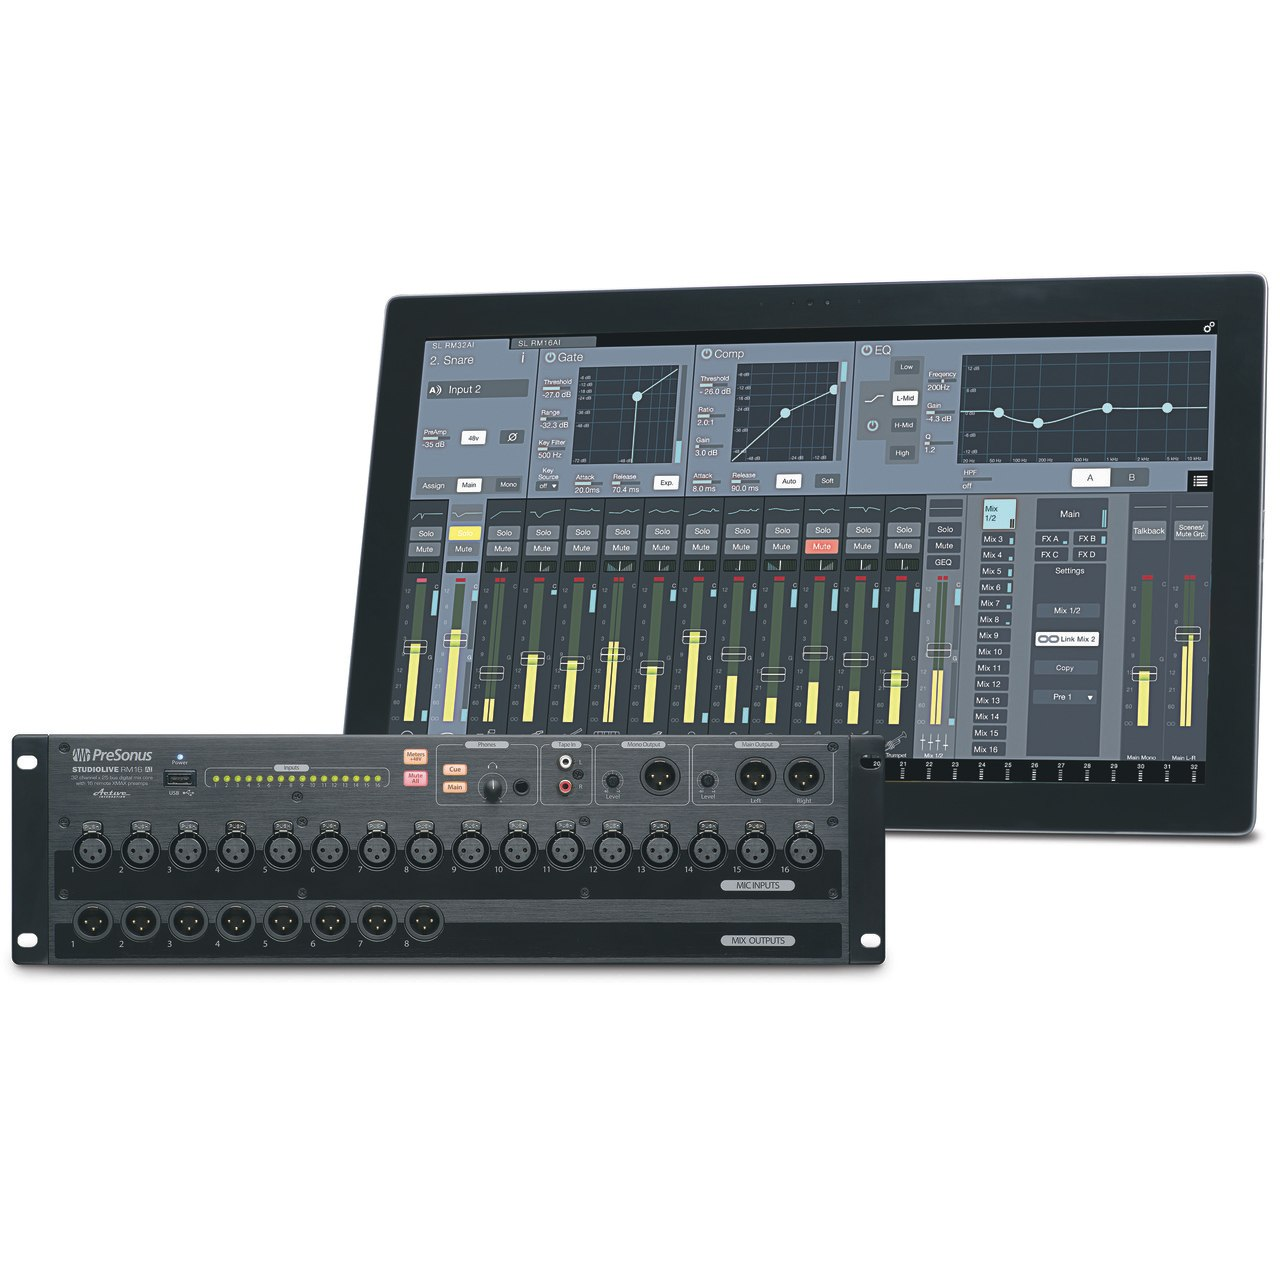 PreSonus StudioLive RM16AI Digital Mixer